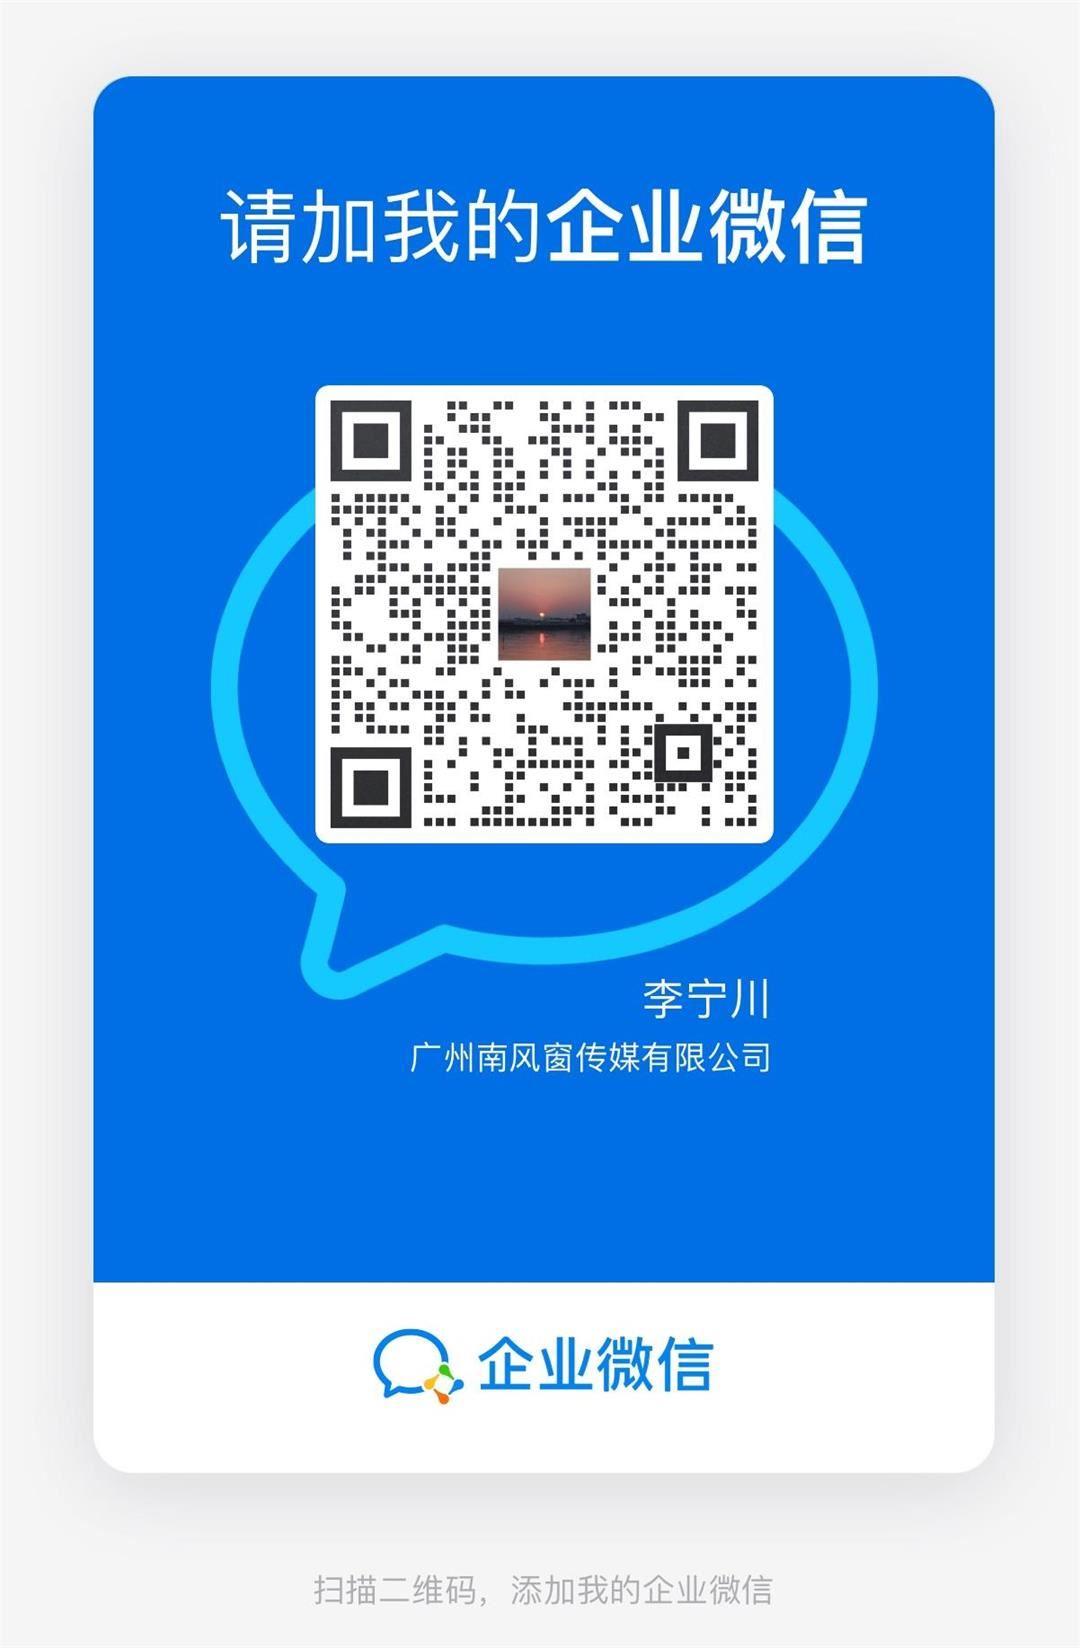 微信图片编辑_20210405200908.jpg